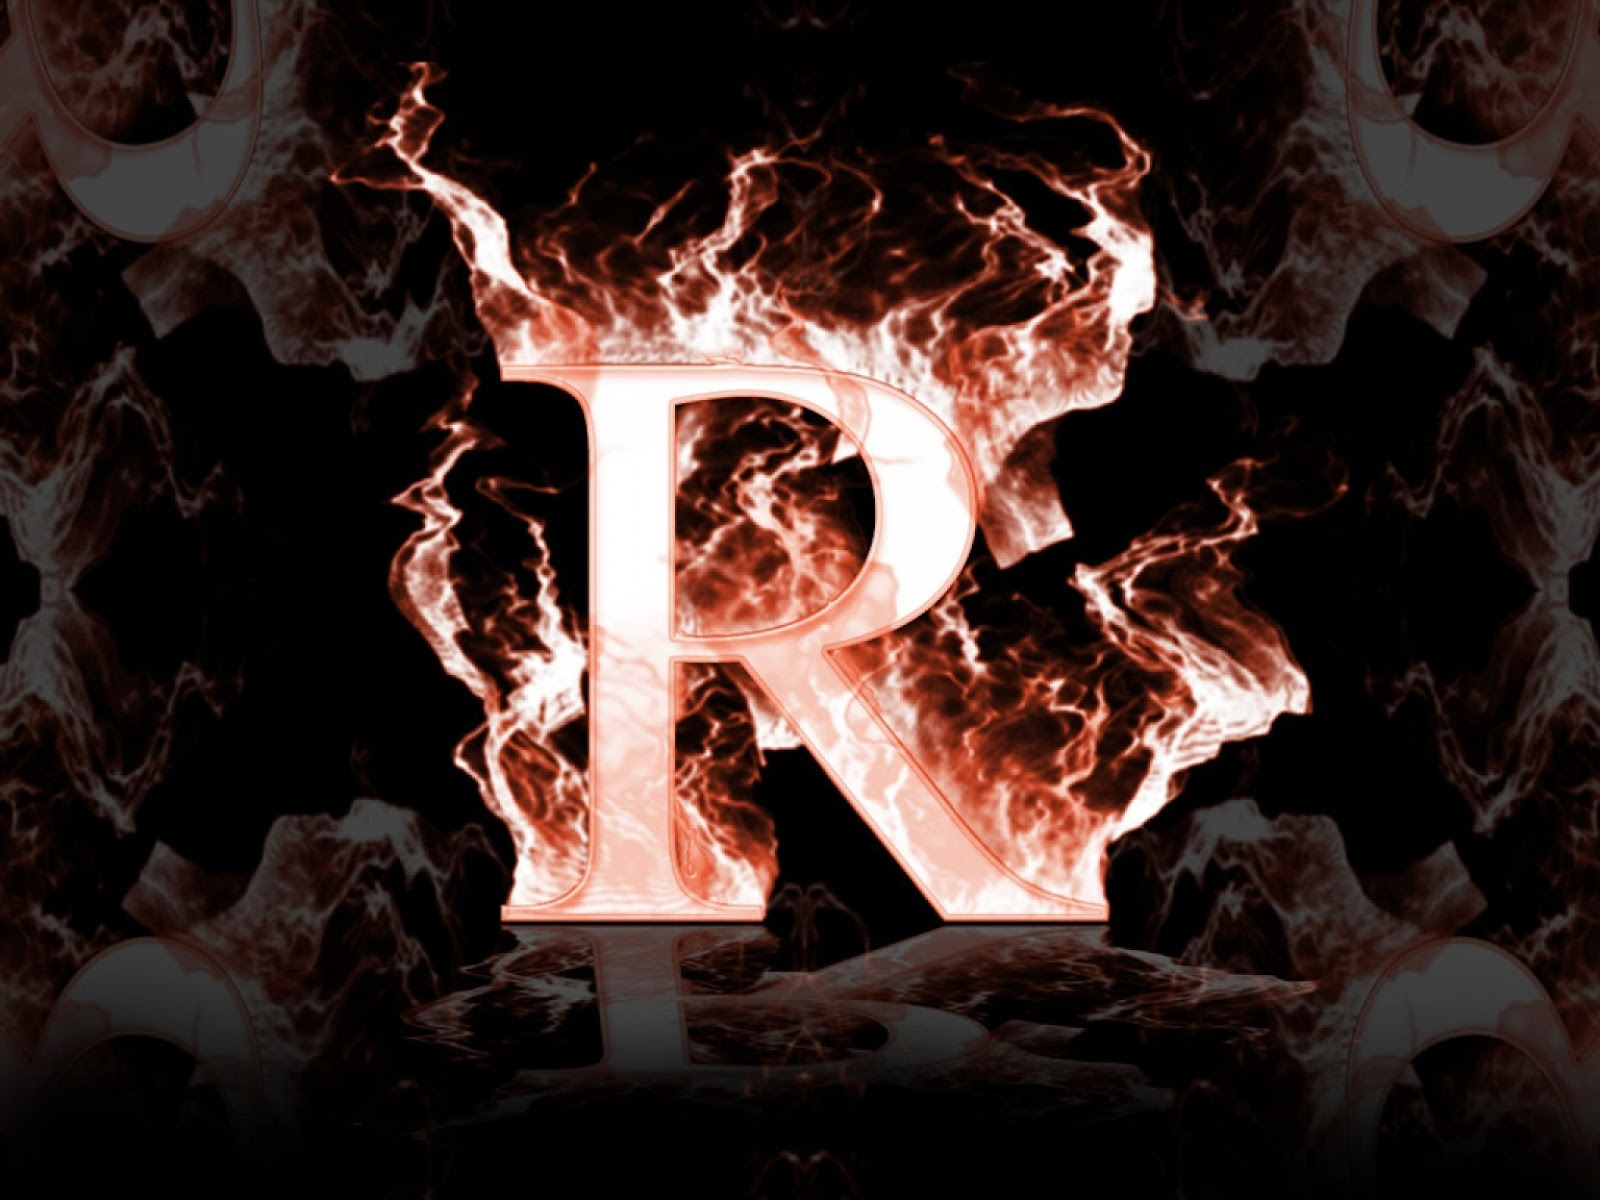 letter r text wallpaper for ipad 22560x1920ipad 3 wallpaper255jpg 1600x1200